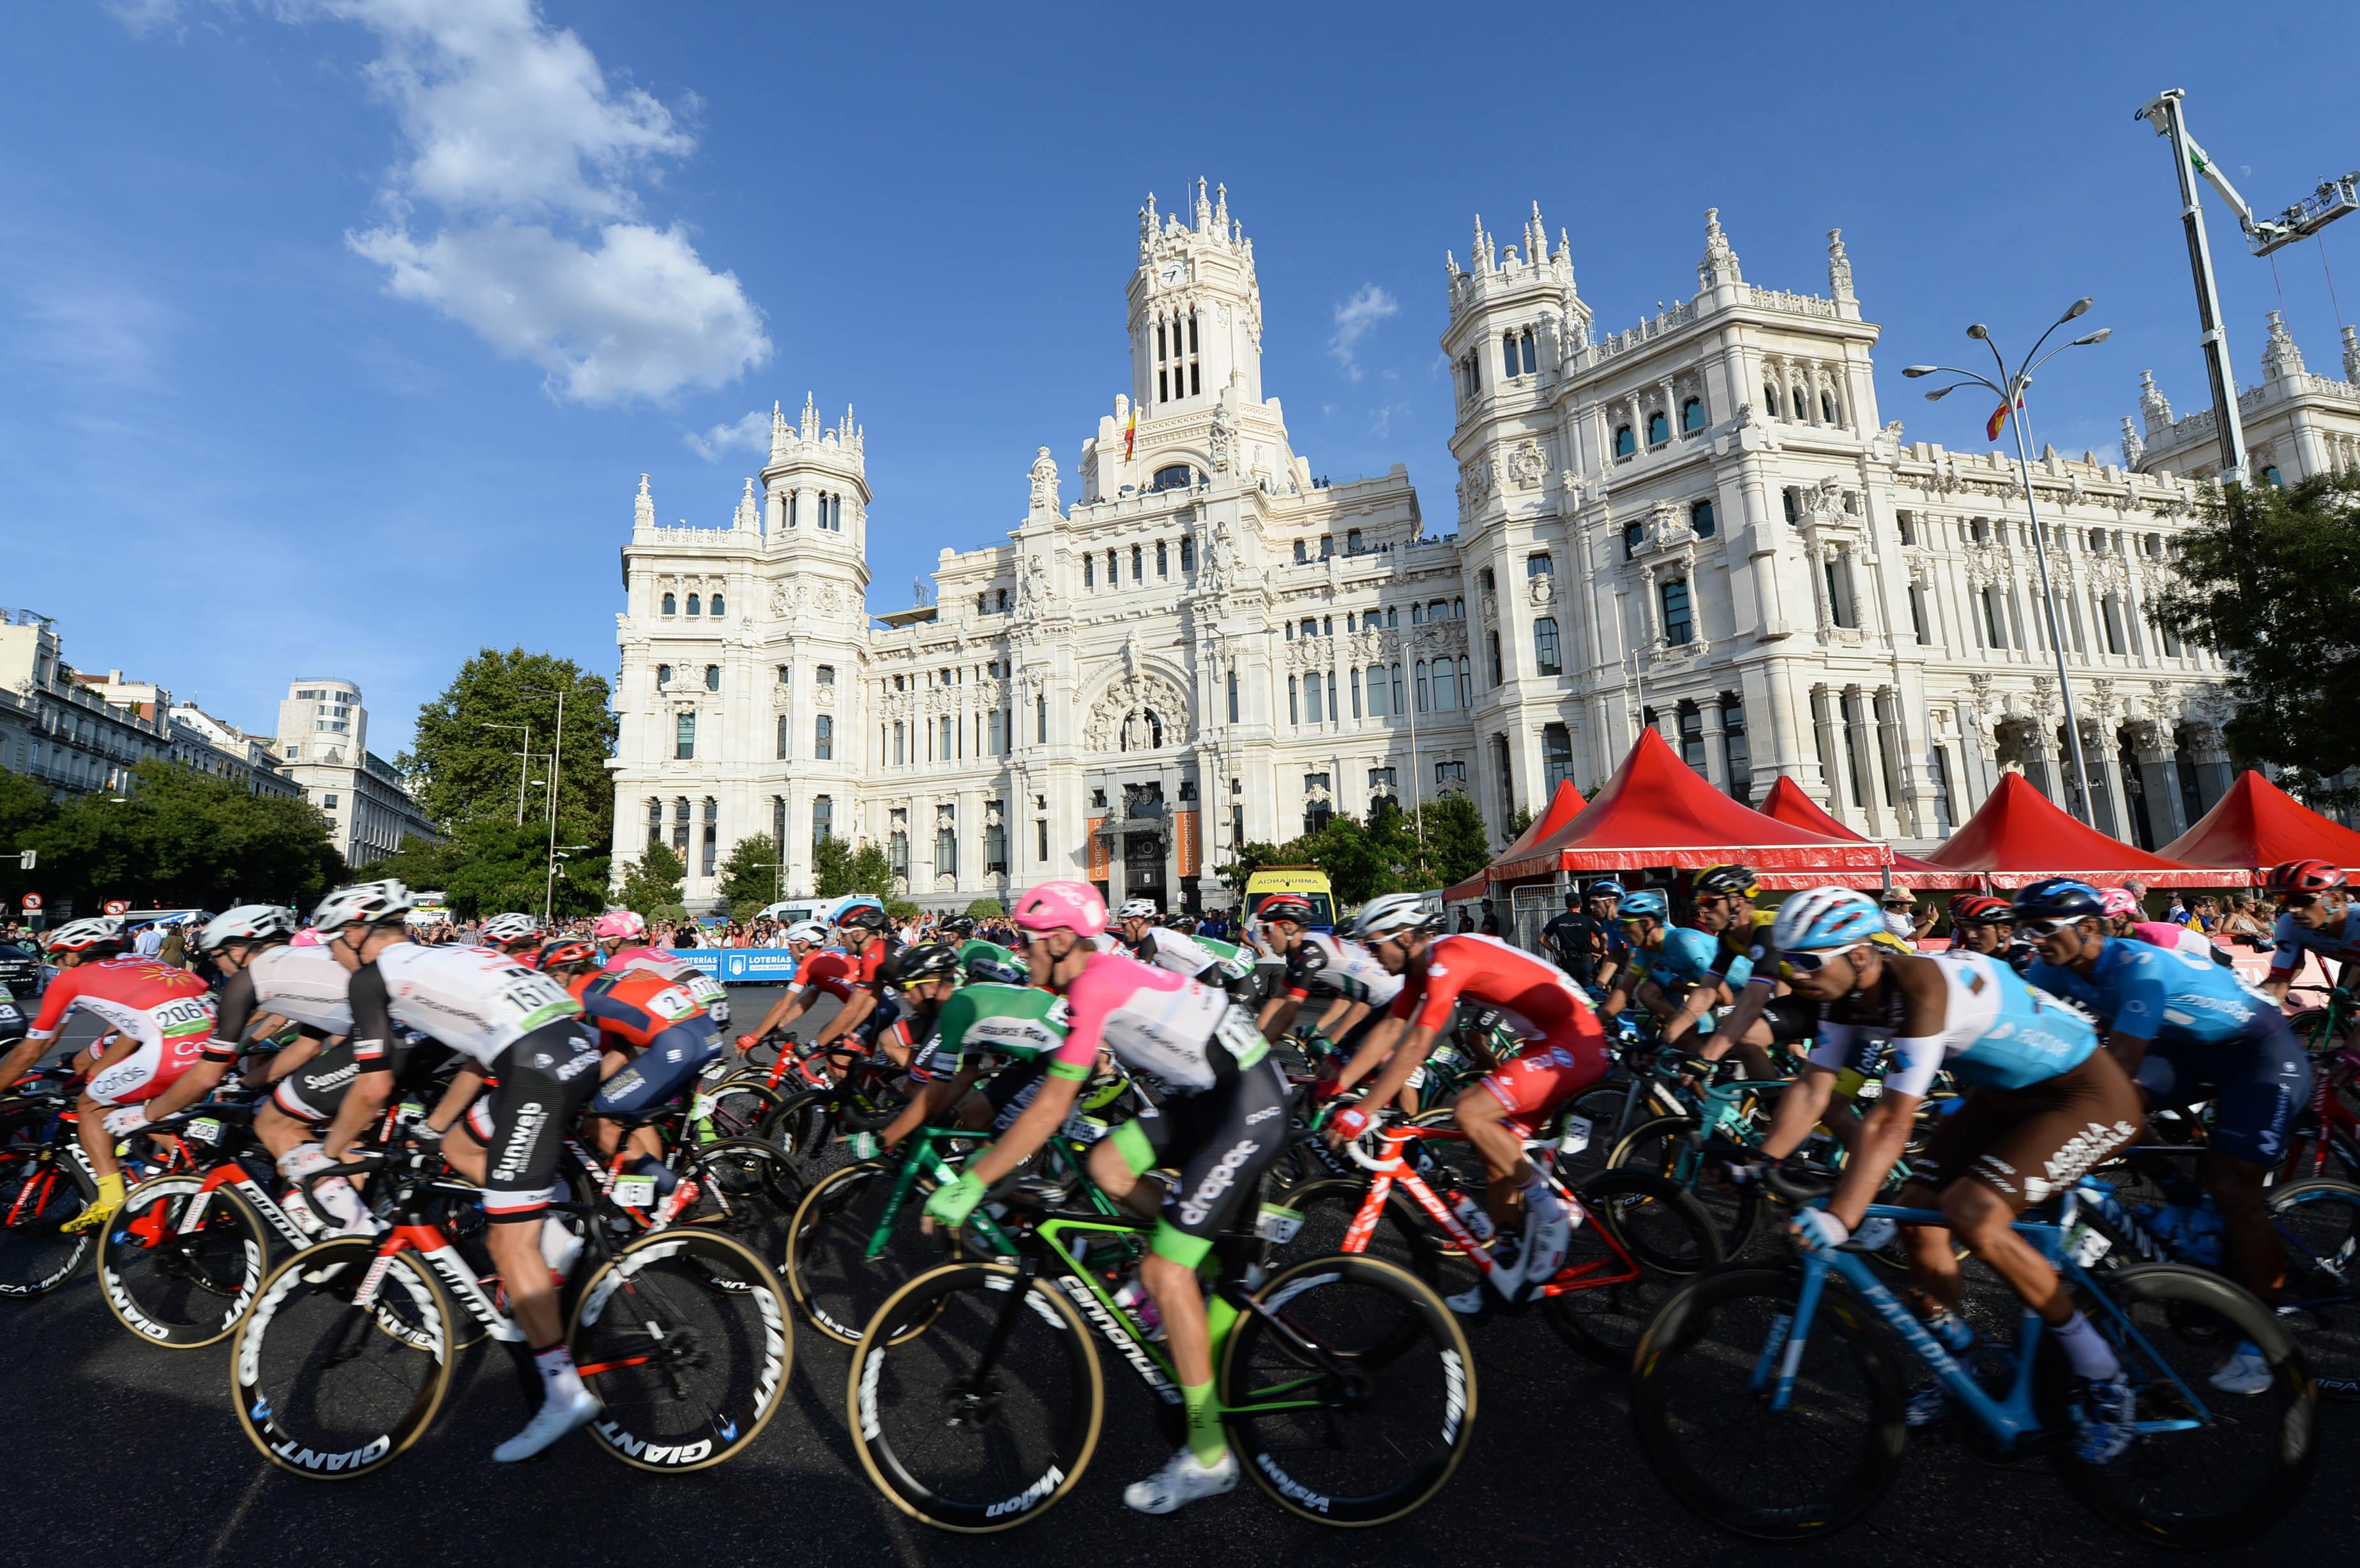 """Španska """"La Roja"""": 9 gorskih etap,1 kronometer in zagotovljen spektakel"""